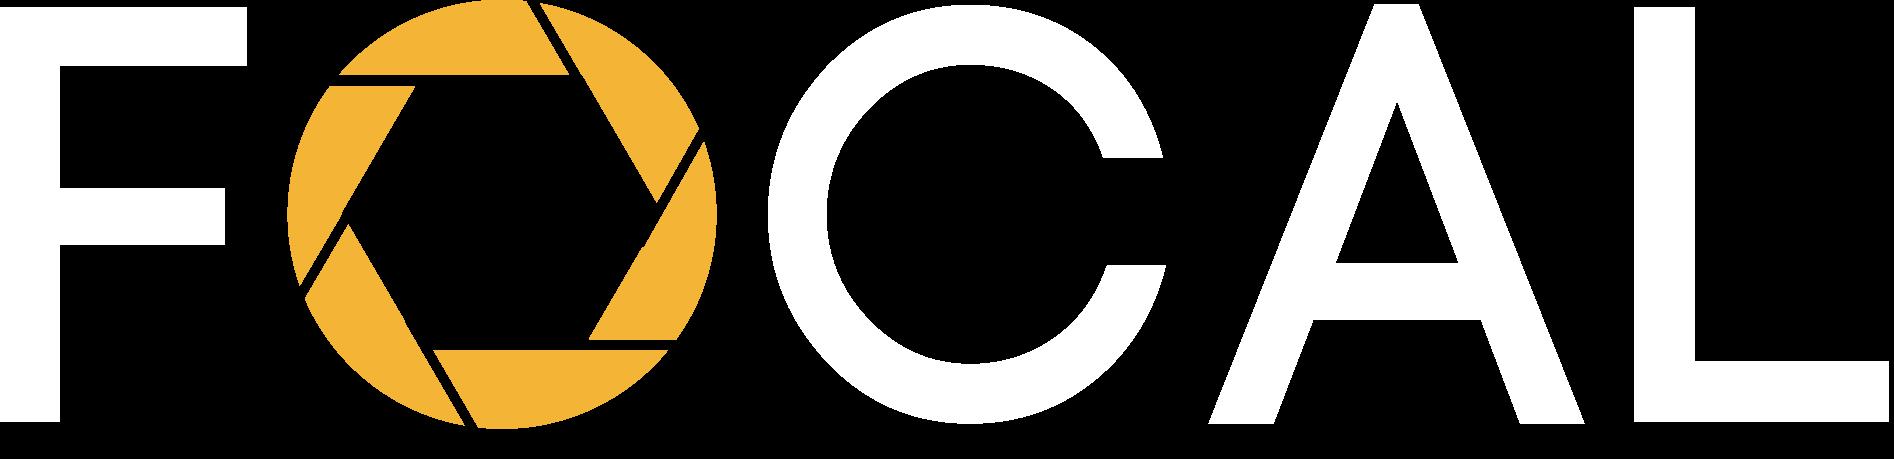 Focal white logo bookfocal